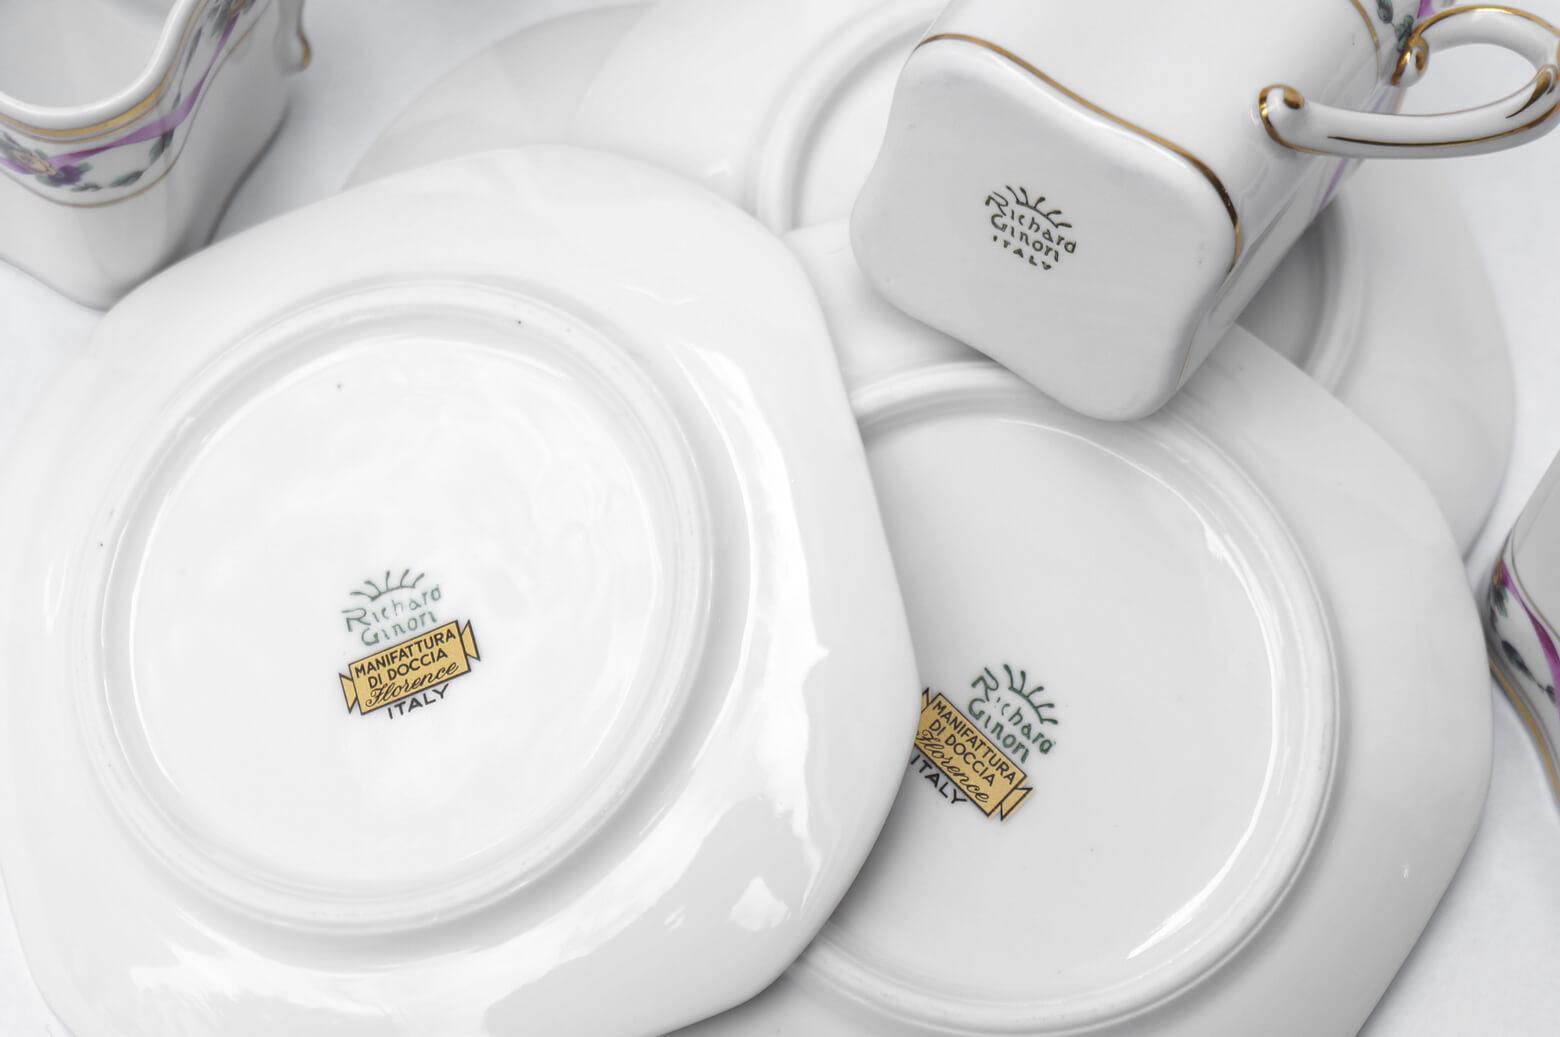 Richard Ginori Impero Giulietta Series/リチャード ジノリ インペロ ジュリエッタ シリーズ イタリア 食器